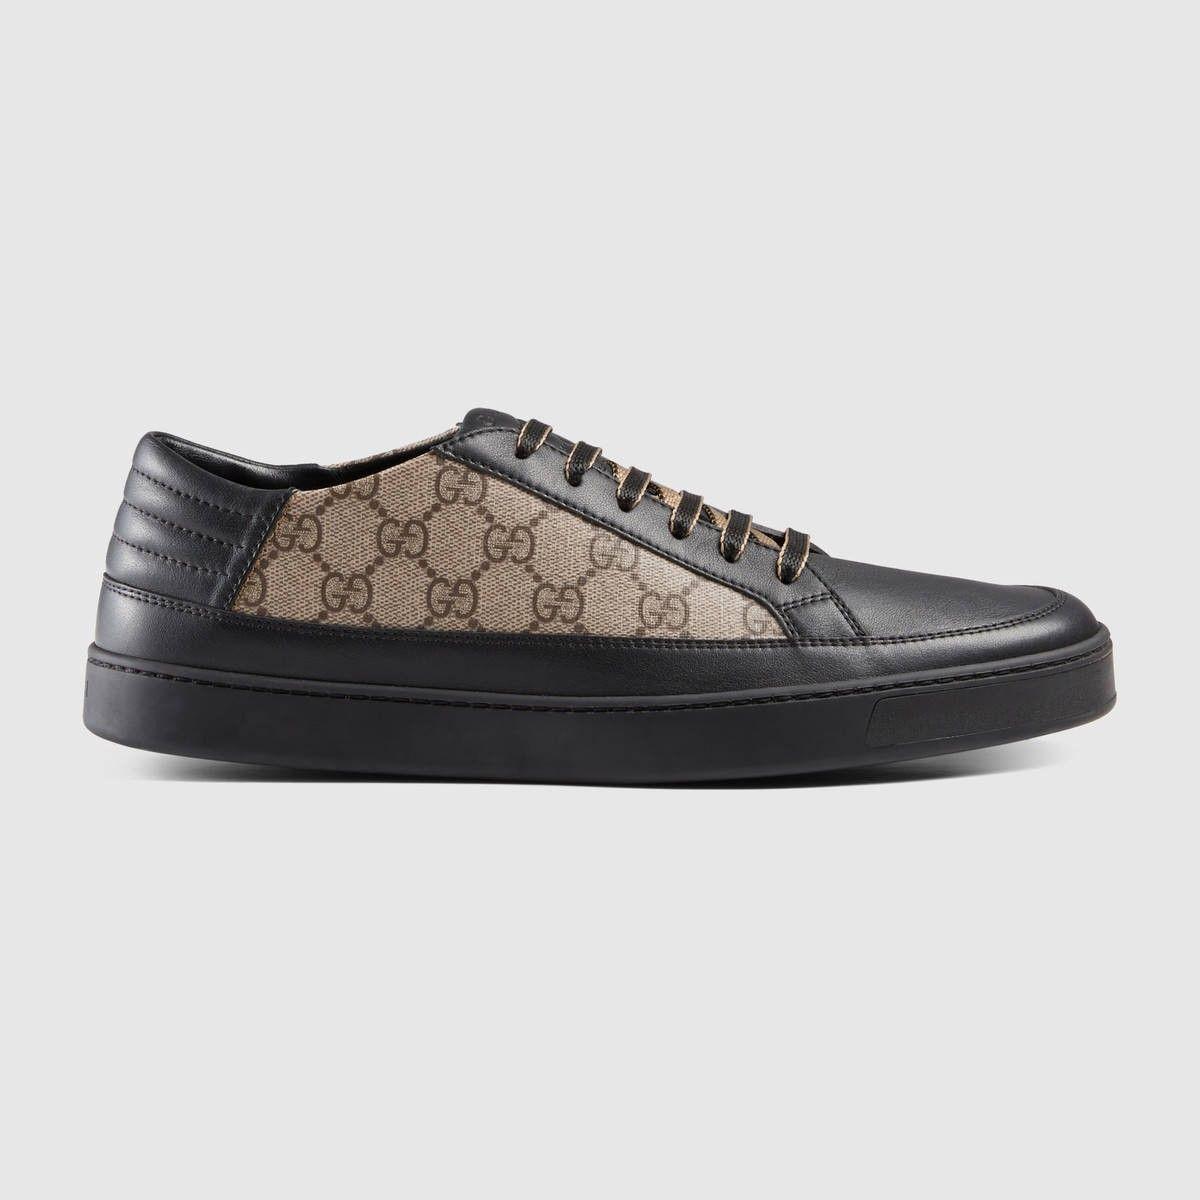 Gucci Gg Supreme Sneakers In Beige Nero